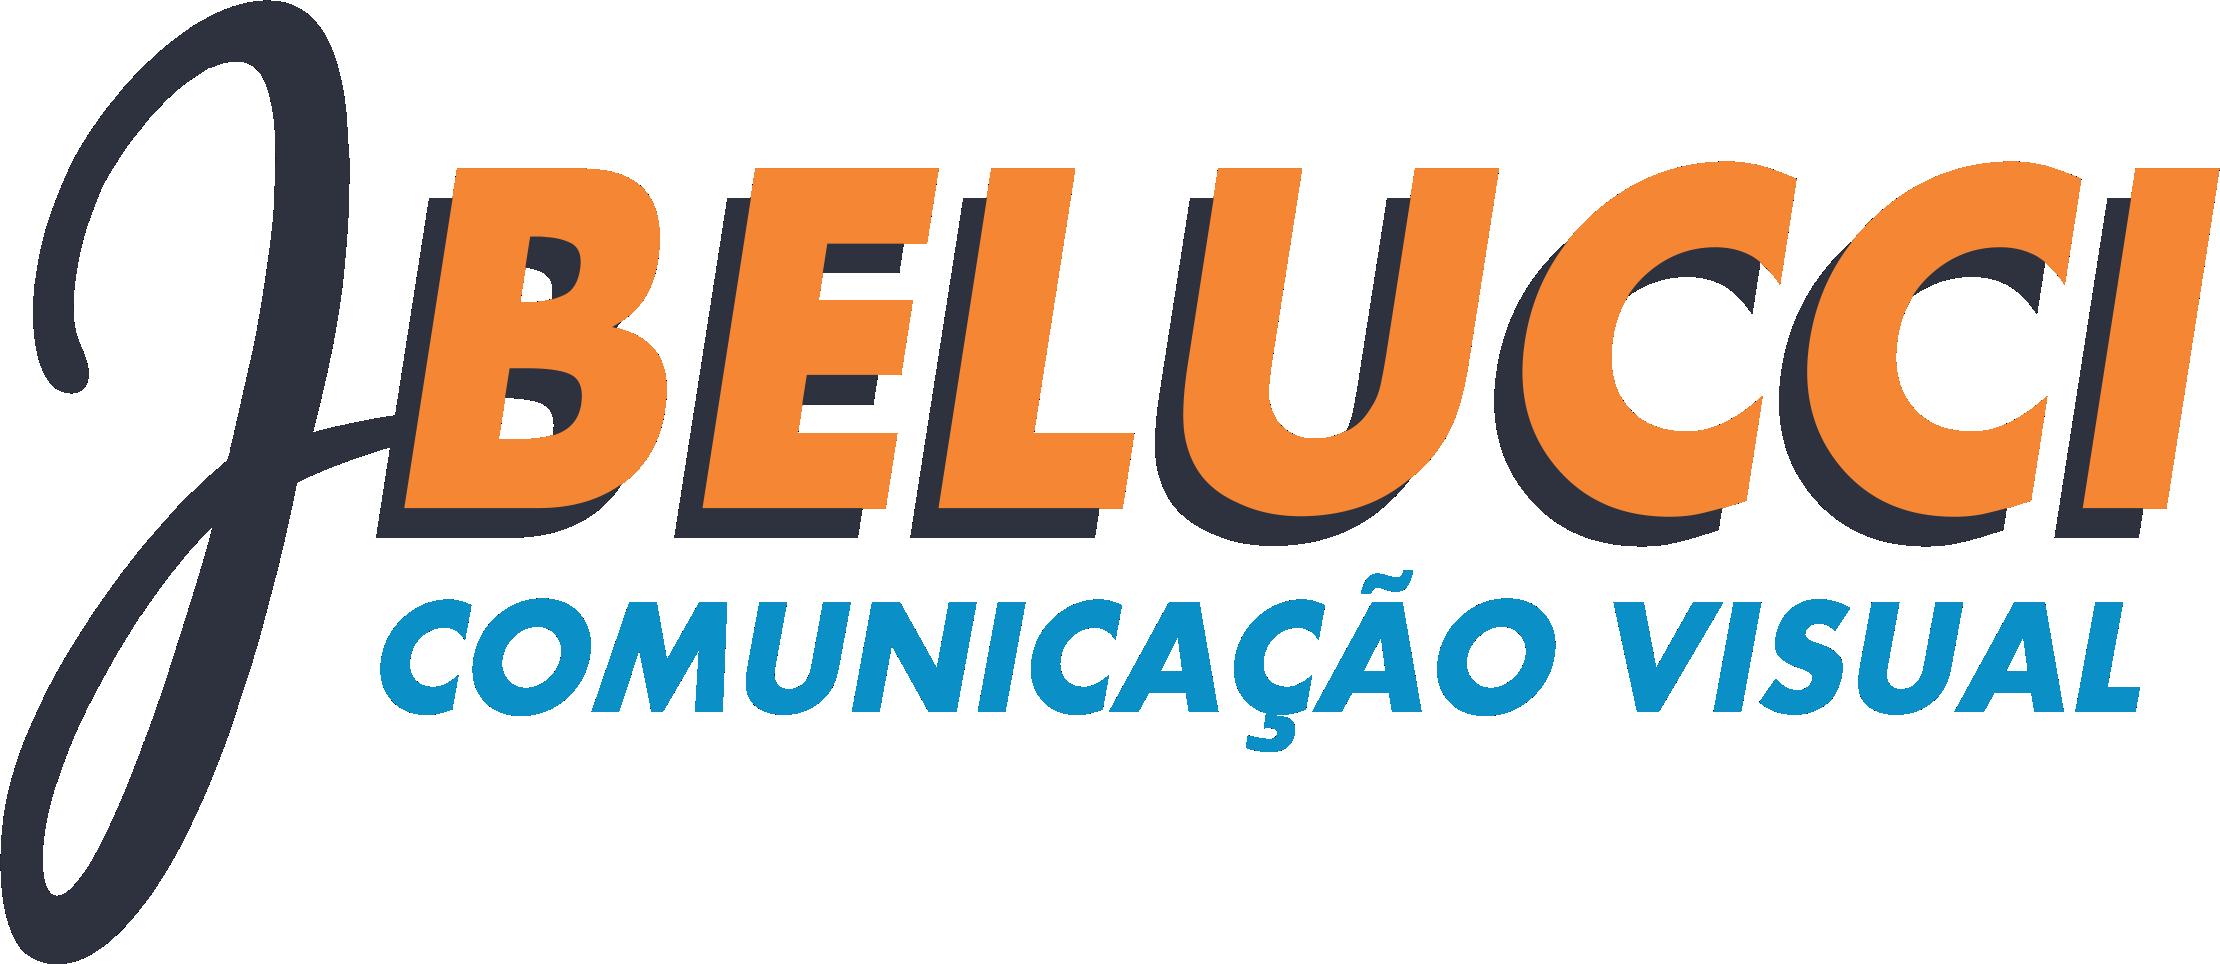 Jbelucci